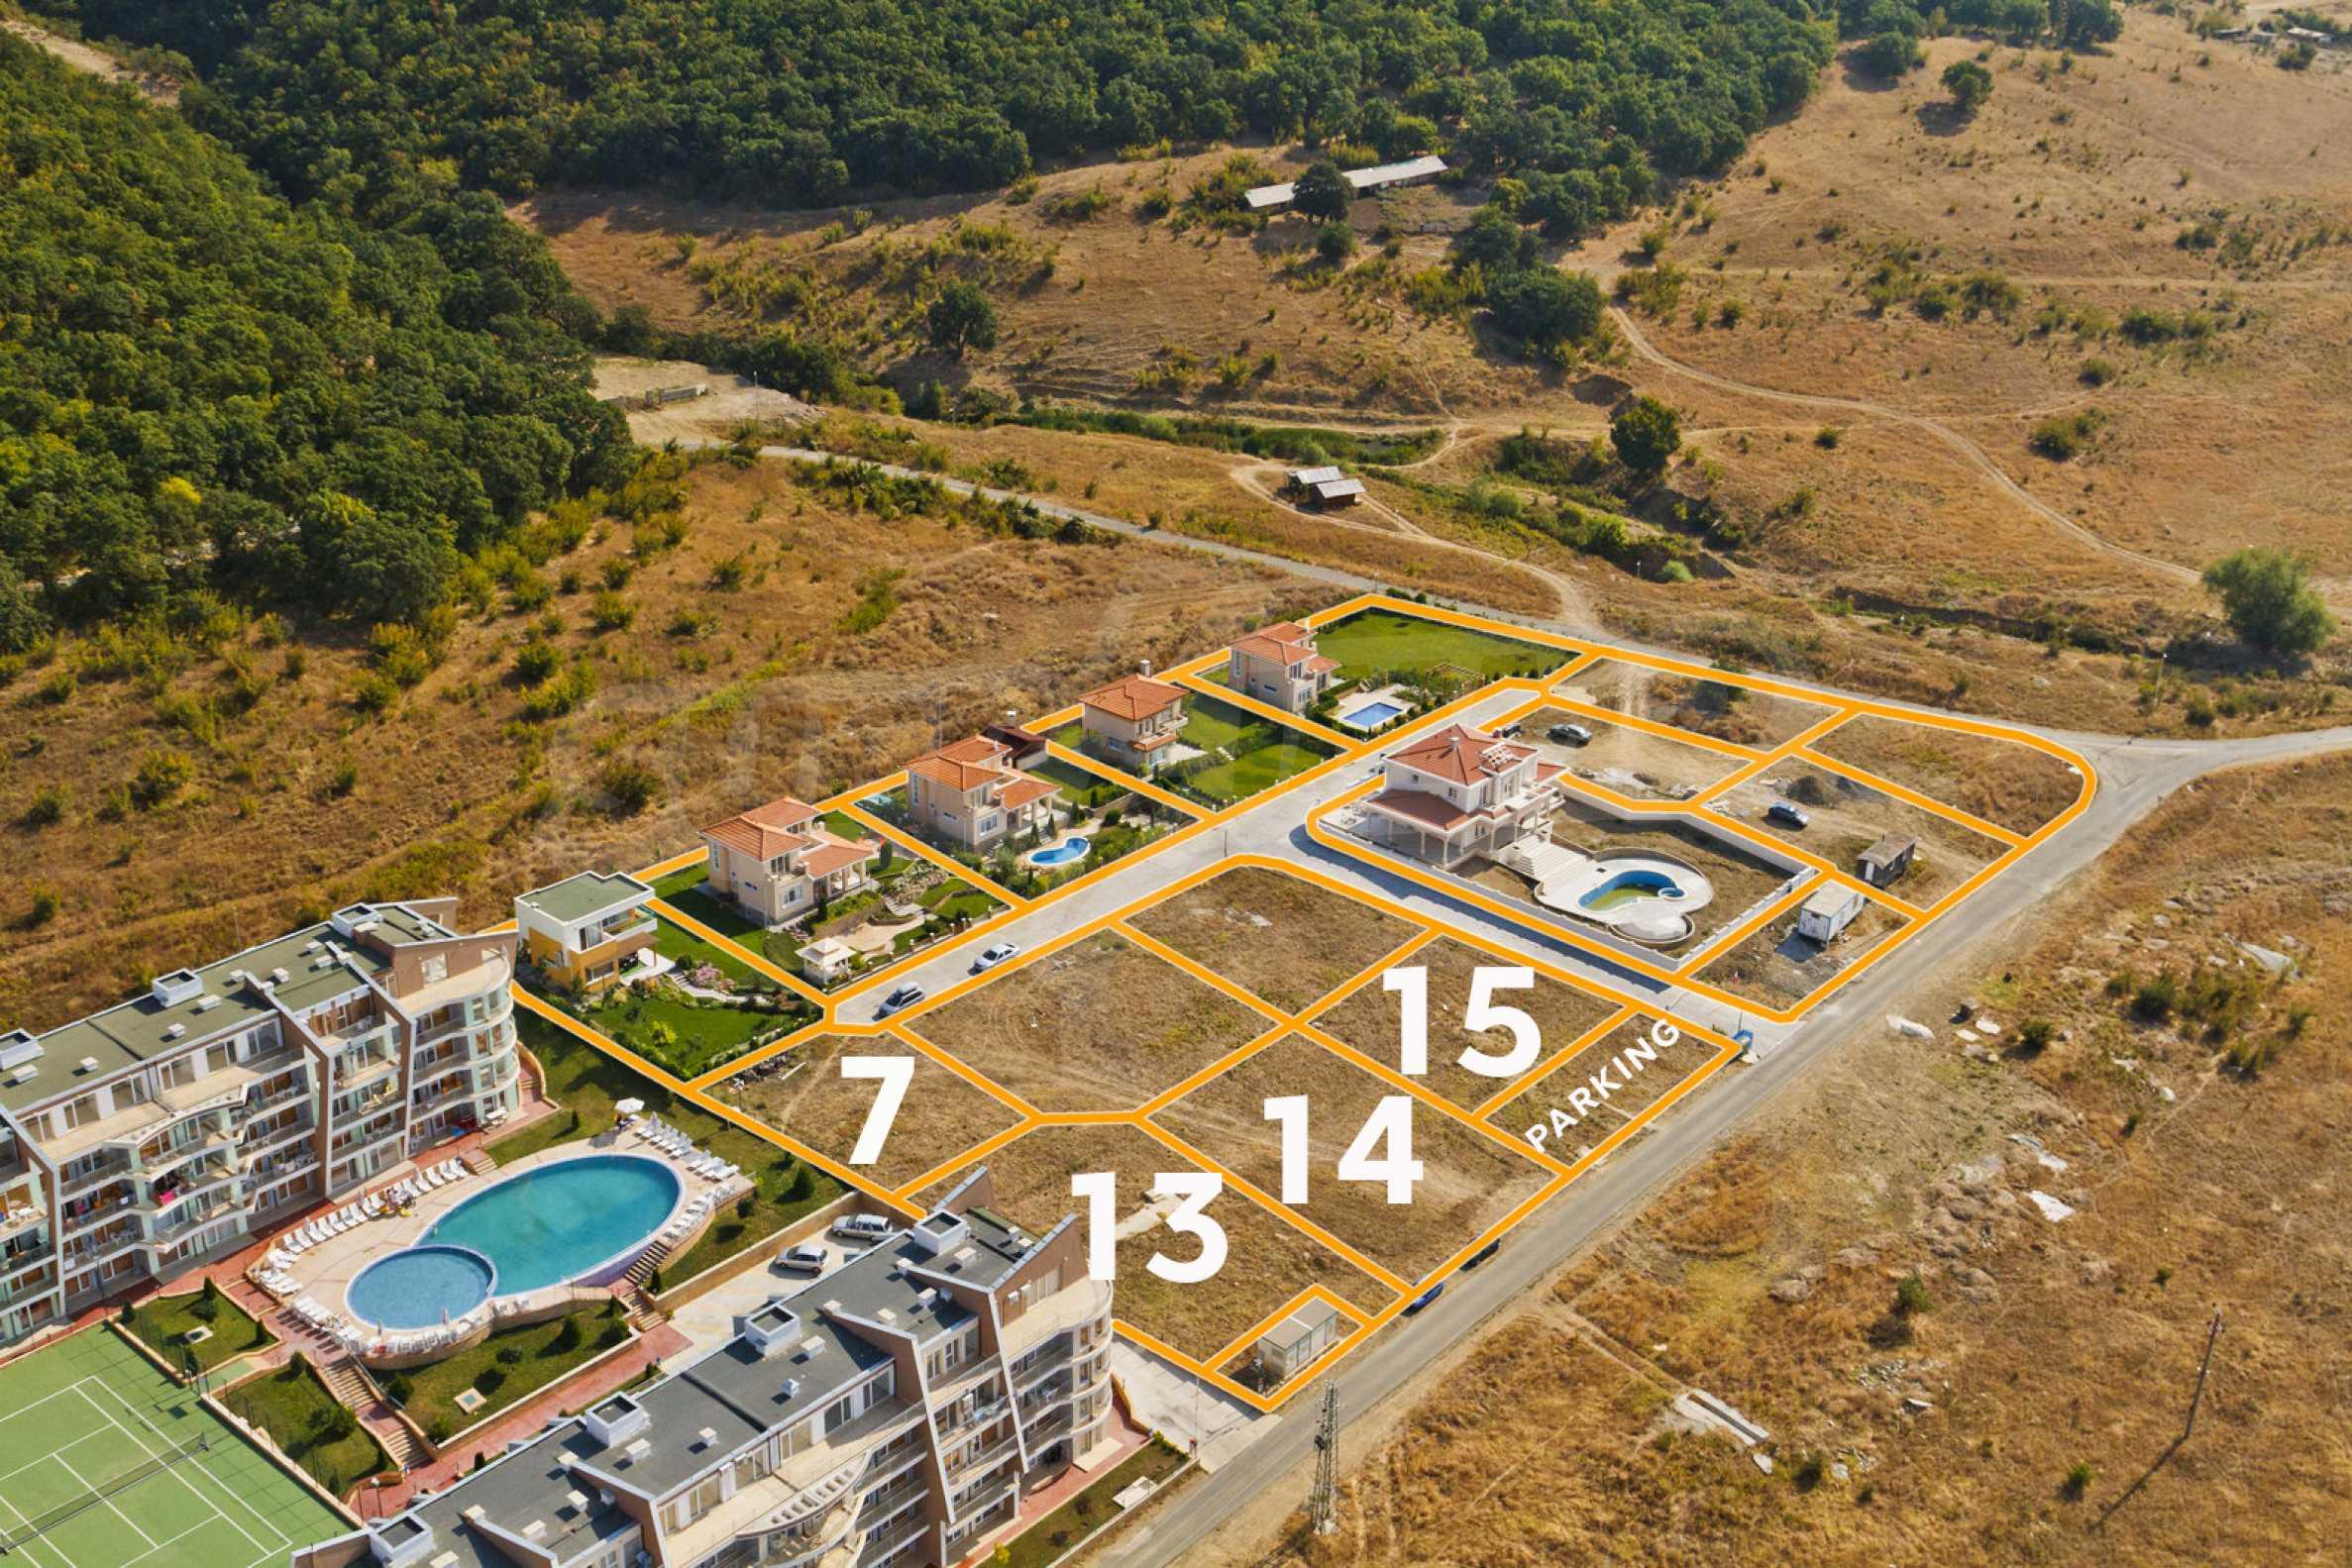 Erschlossene Grundstücke in der luxuriösen Villa-Siedlung SUNSET VILLAS